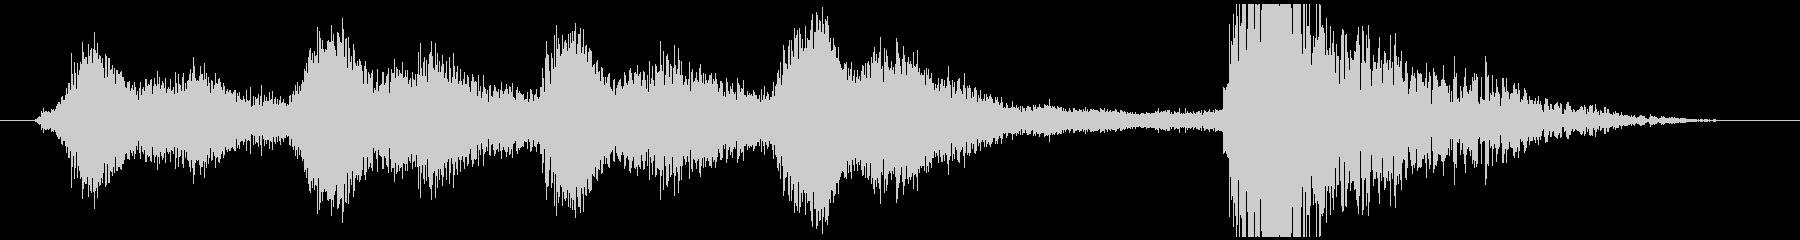 明るいオーケストラジングル short2の未再生の波形